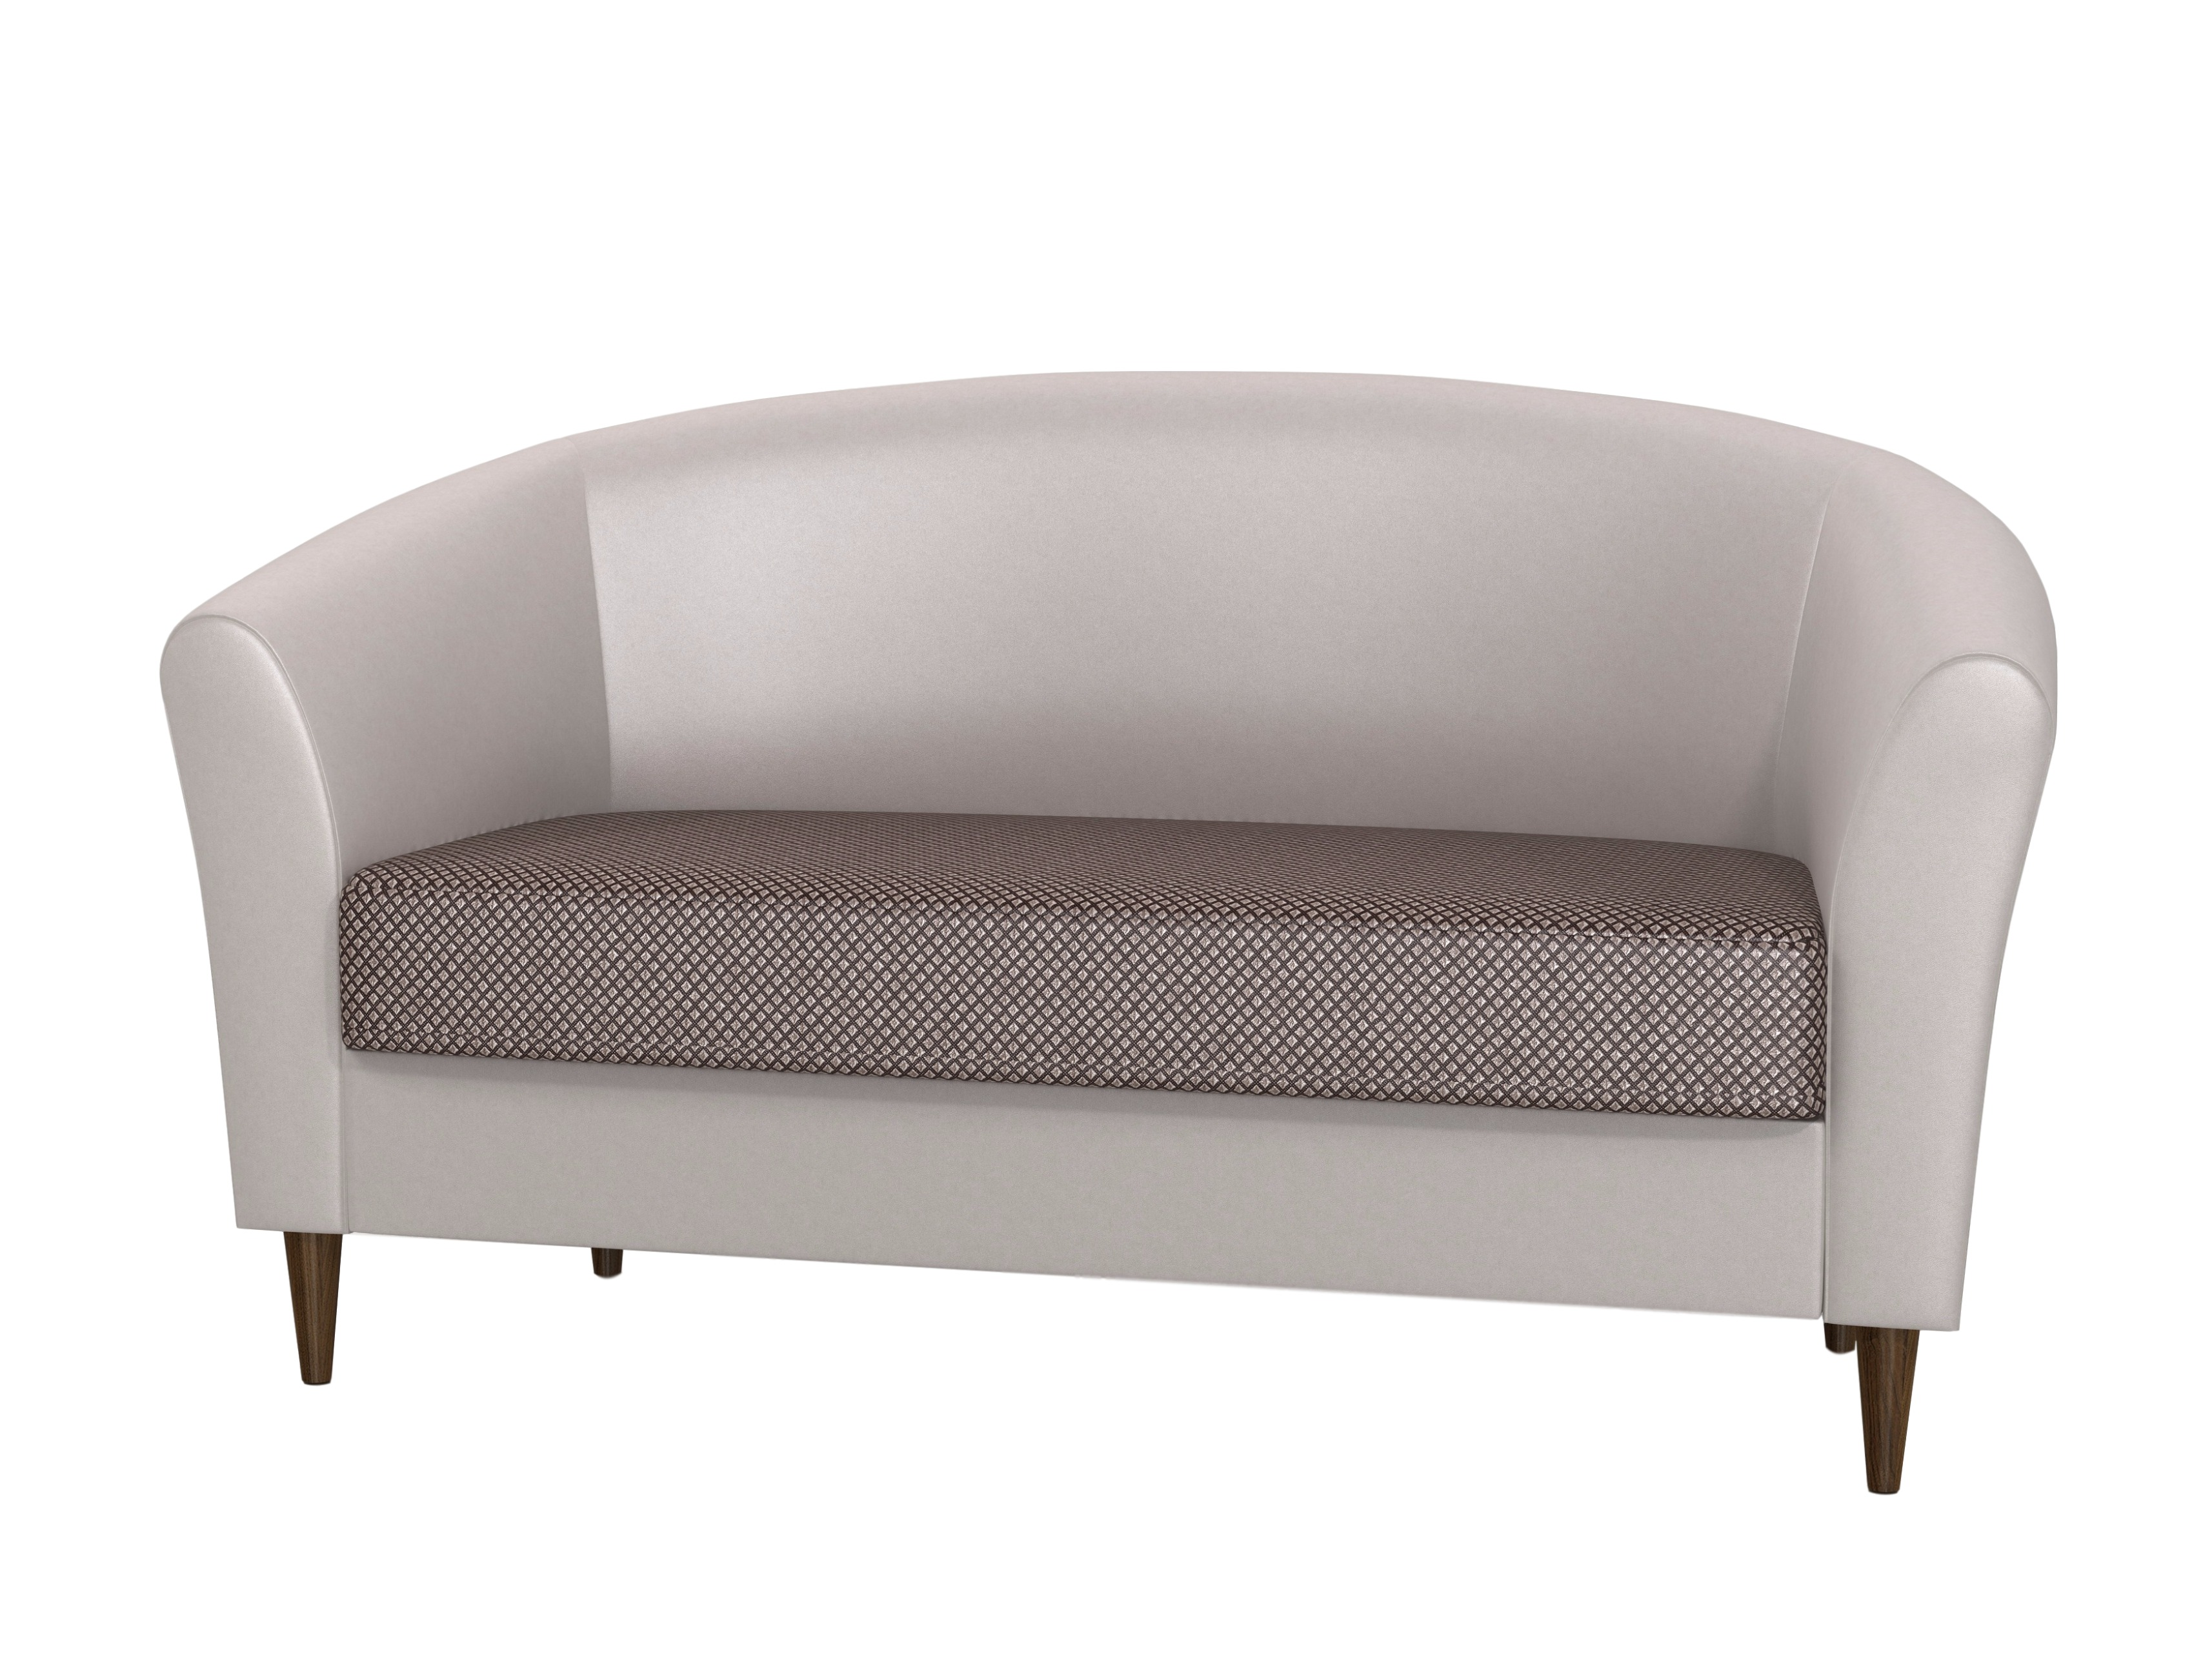 Диван МариКожаные диваны<br>&amp;lt;div&amp;gt;Лаконичный диван &amp;quot;Мари&amp;quot; впишется в любой интерьер! Стильный и практичный: съемный чехол легко чистить. Диван представлен в двух цветах: уютном сером и нежном розовом, вам остается только решить, какой из них лучше дополнит ваш интерьер.&amp;lt;/div&amp;gt;&amp;lt;div&amp;gt;&amp;lt;br&amp;gt;&amp;lt;/div&amp;gt;&amp;lt;div&amp;gt;Ткань: кожа, наполнитель полиуретан и холлофайбер.&amp;lt;/div&amp;gt;&amp;lt;div&amp;gt;Каркас и ножки: натуральная древесина.&amp;amp;nbsp;&amp;lt;/div&amp;gt;&amp;lt;div&amp;gt;Дополнительно: съемный чехол.&amp;lt;/div&amp;gt;&amp;lt;div&amp;gt;&amp;lt;br&amp;gt;&amp;lt;/div&amp;gt;&amp;lt;div&amp;gt;Изделие можно заказать в любой ткани, стоимость и срок изготовления уточняйте у менеджера.&amp;lt;/div&amp;gt;&amp;lt;div&amp;gt;&amp;lt;br&amp;gt;&amp;lt;/div&amp;gt;<br><br>Material: Кожа<br>Width см: 141<br>Depth см: 71<br>Height см: 81